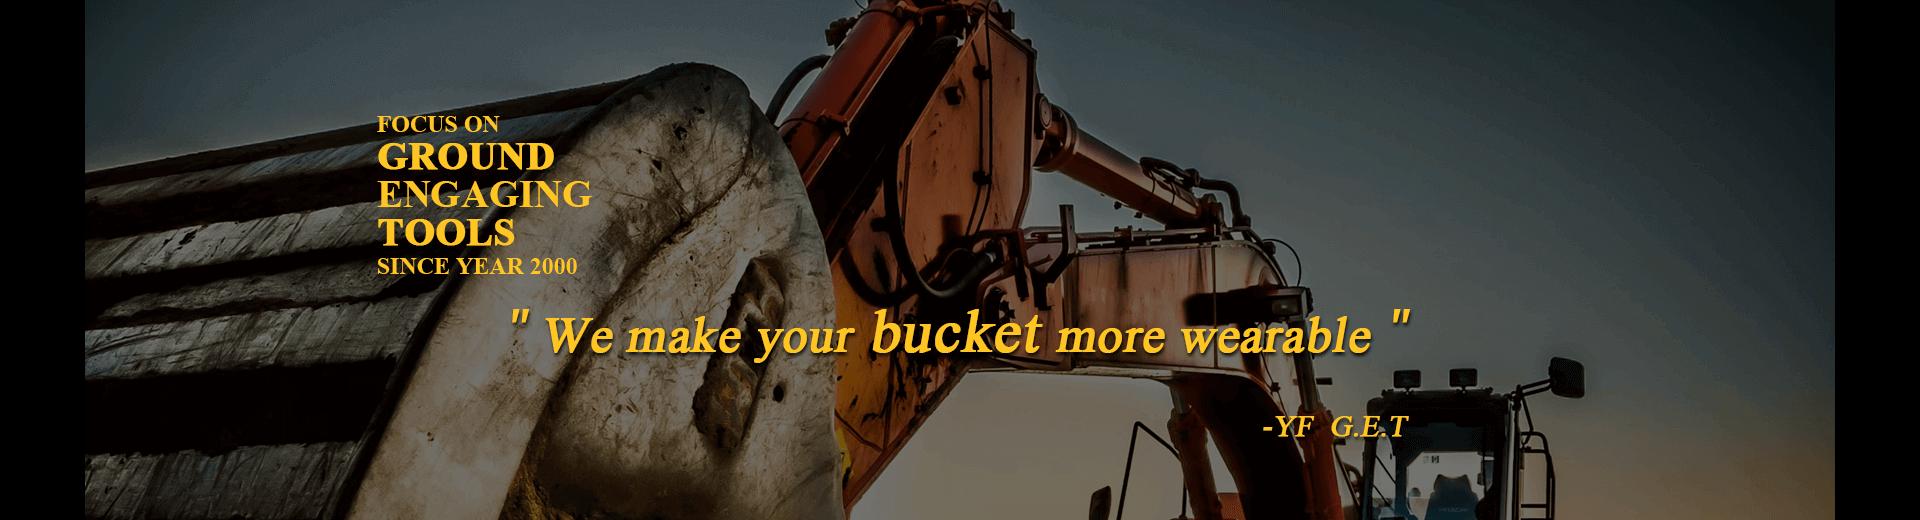 Bucket Teeth, Bucket Adapters & Rippers